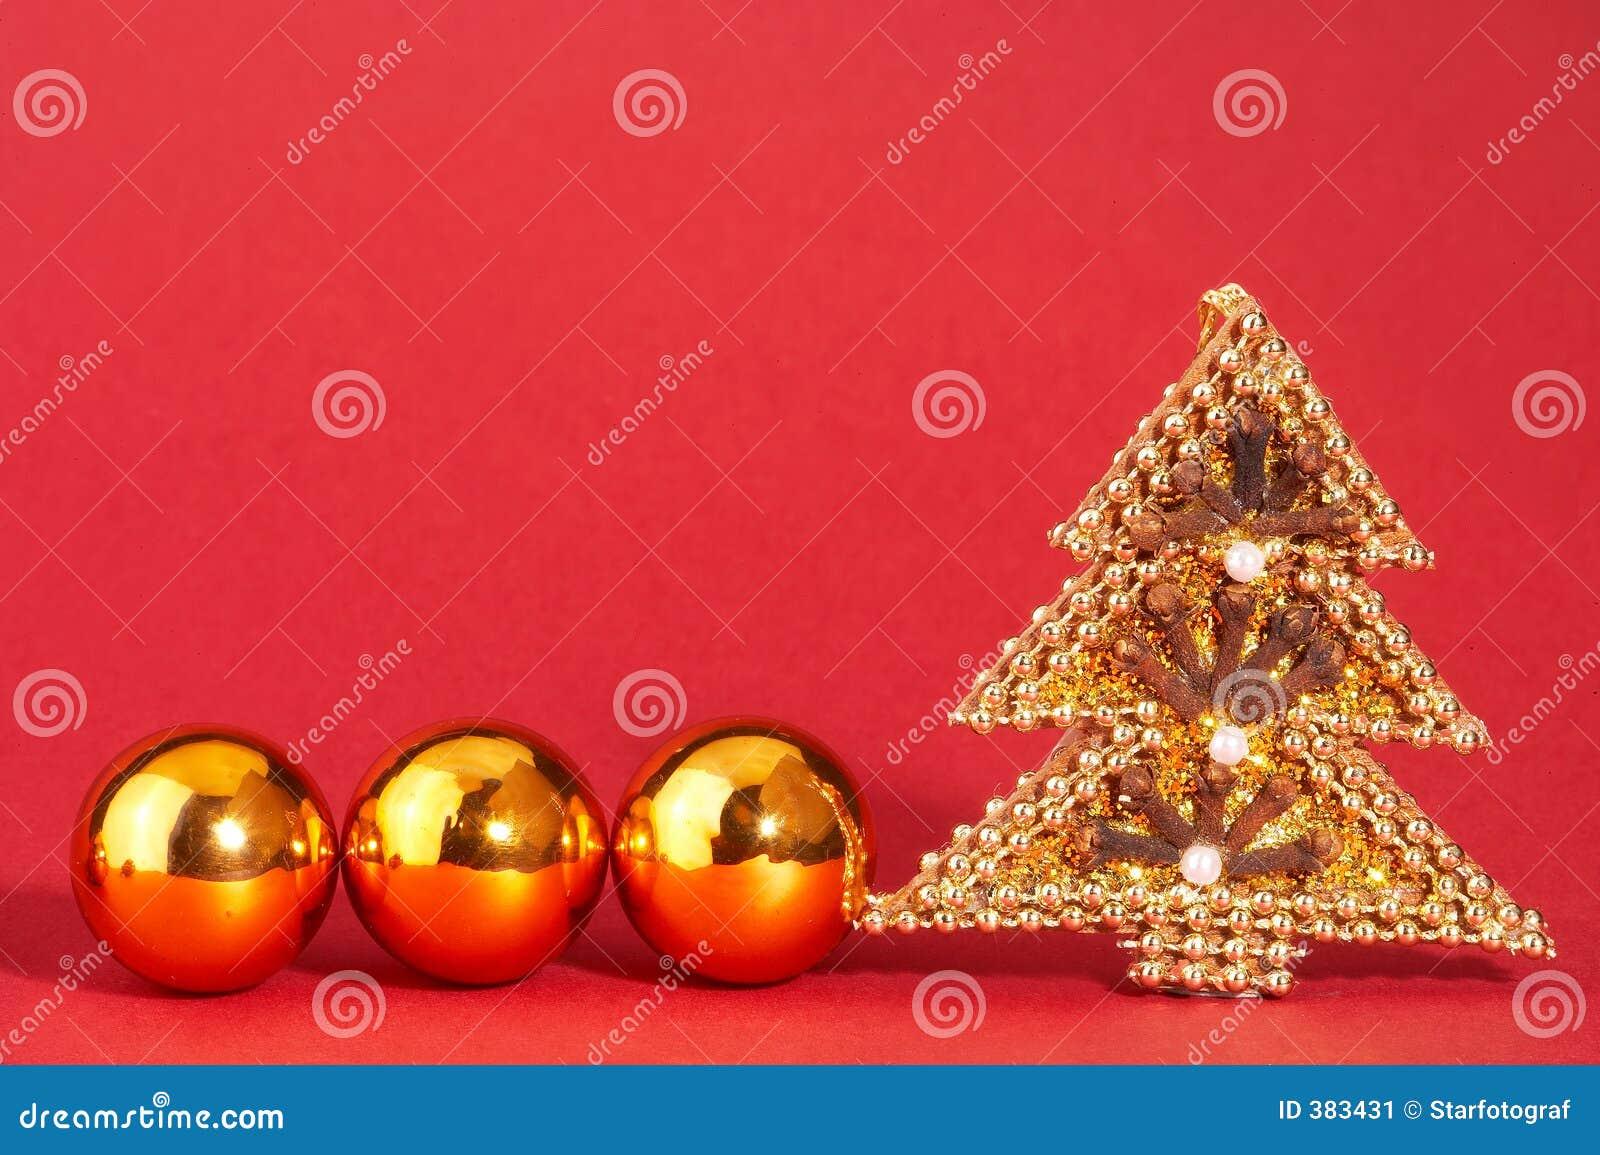 goldener weihnachtsbaum mit perlen goldener. Black Bedroom Furniture Sets. Home Design Ideas